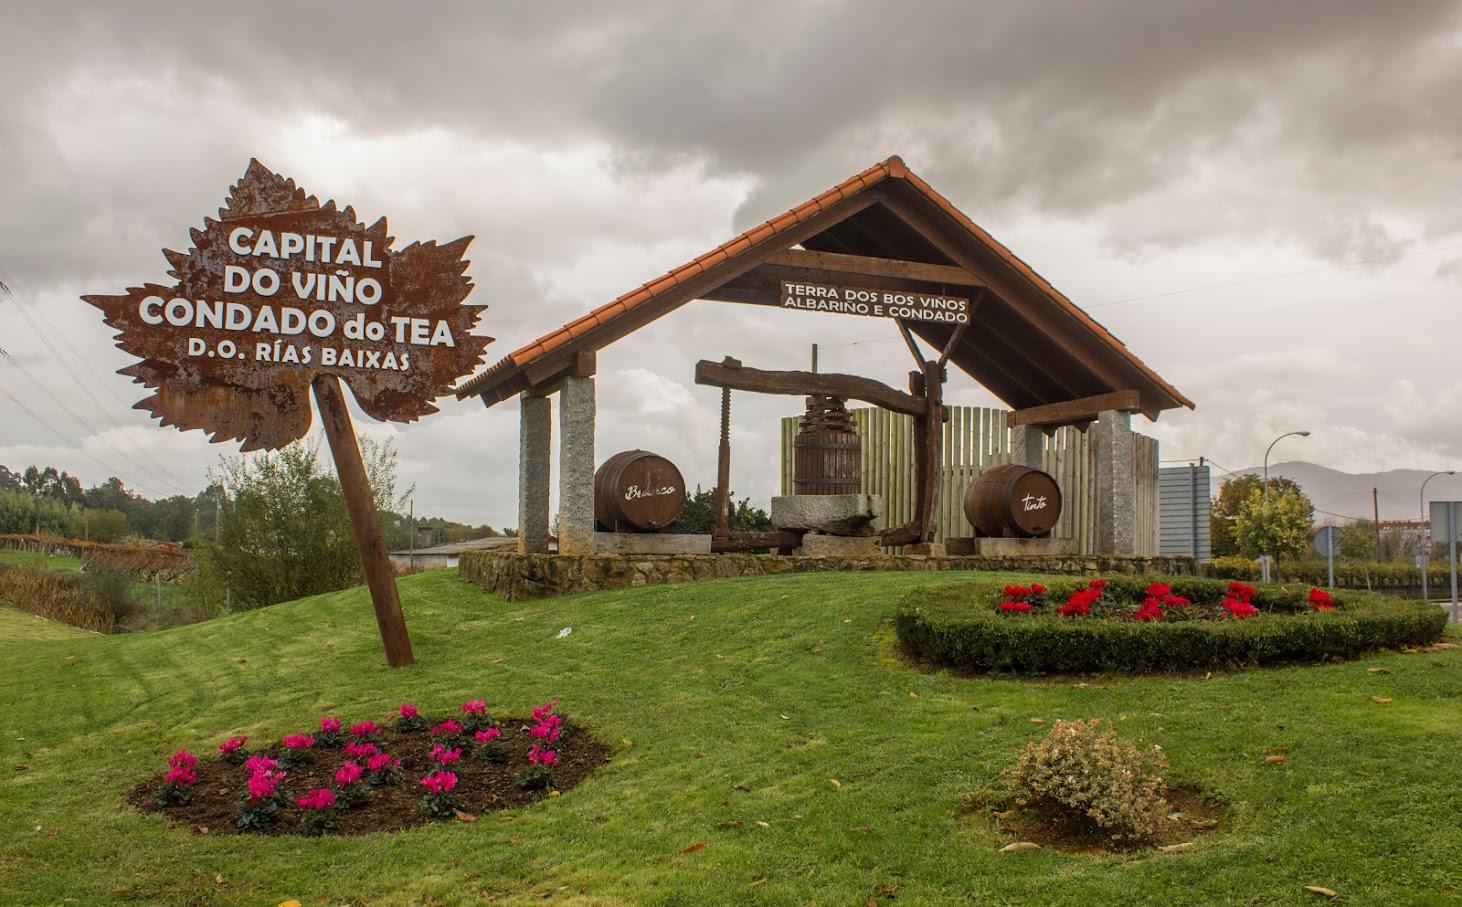 Salvaterra de Miño, capital do Viño do Condado do Tea